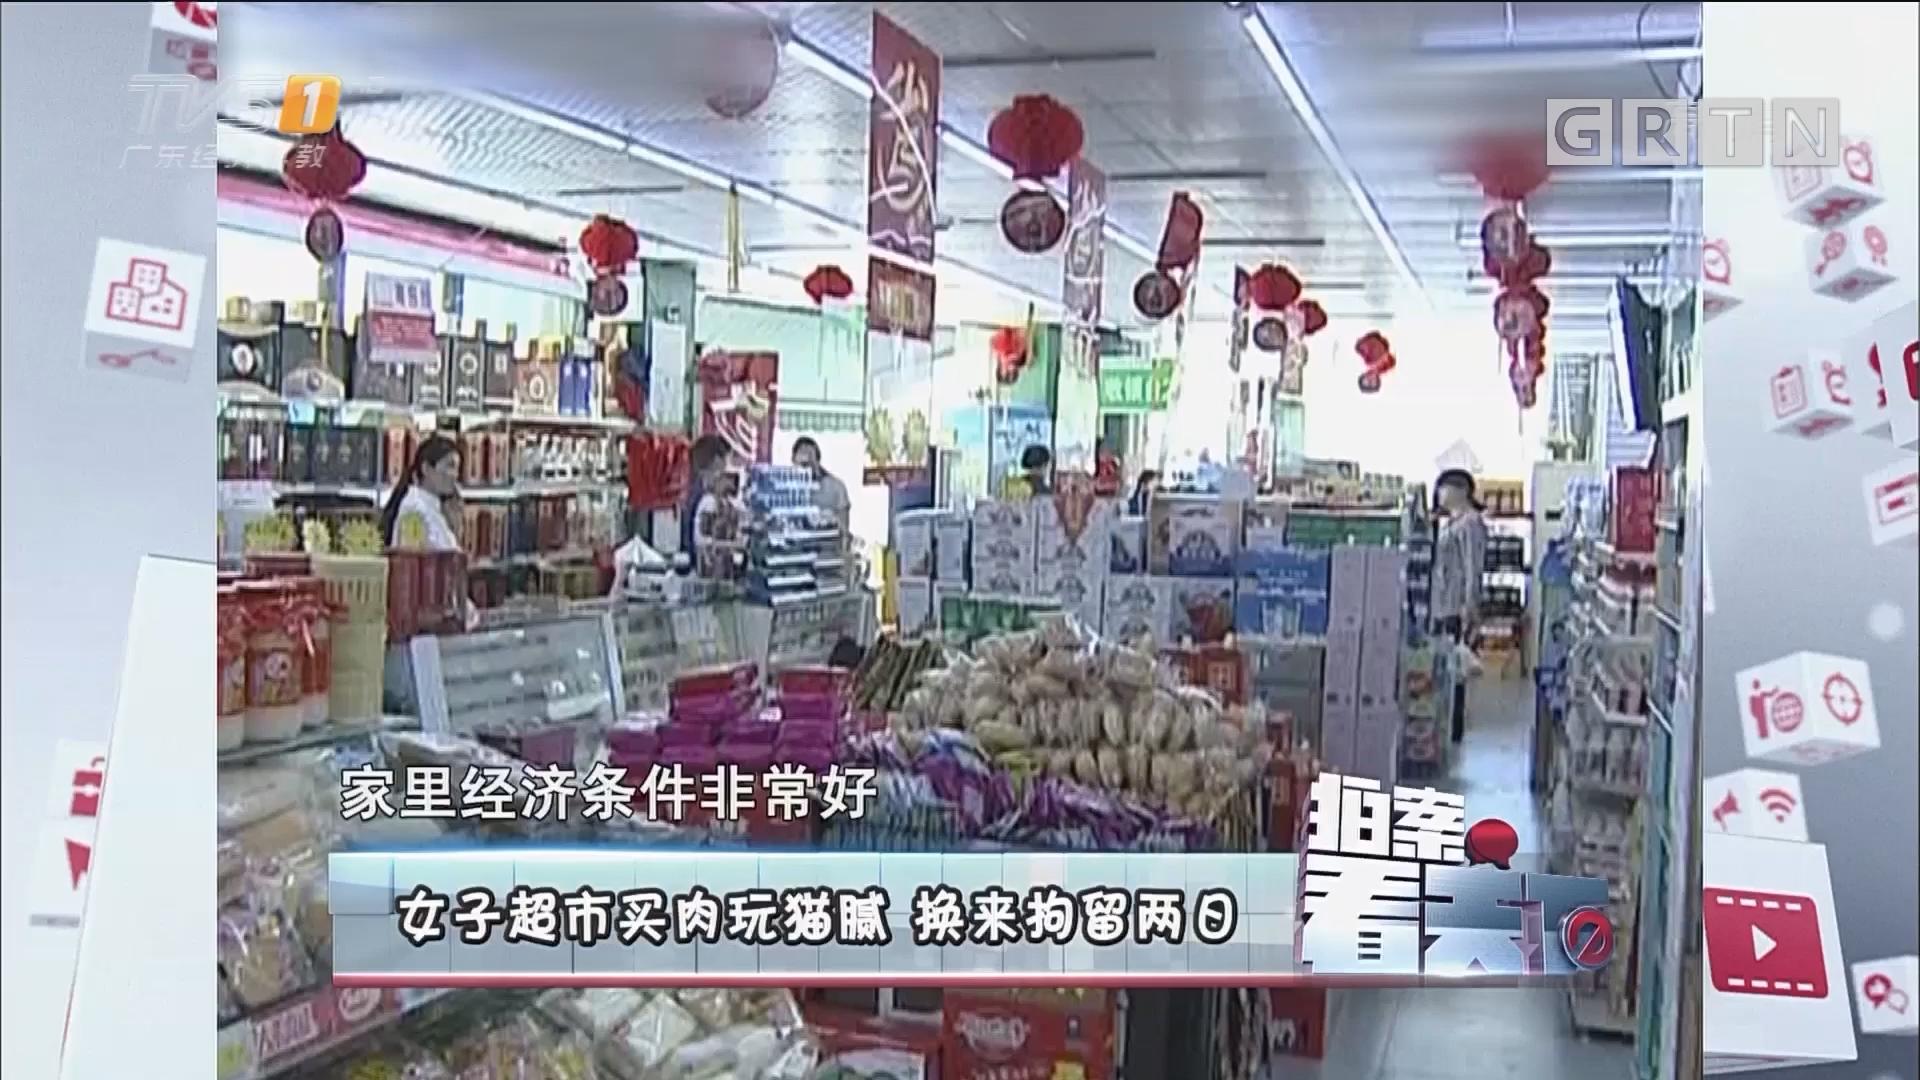 [HD][2017-06-14]拍案看天下:女子超市买肉玩猫腻 换来拘留两日